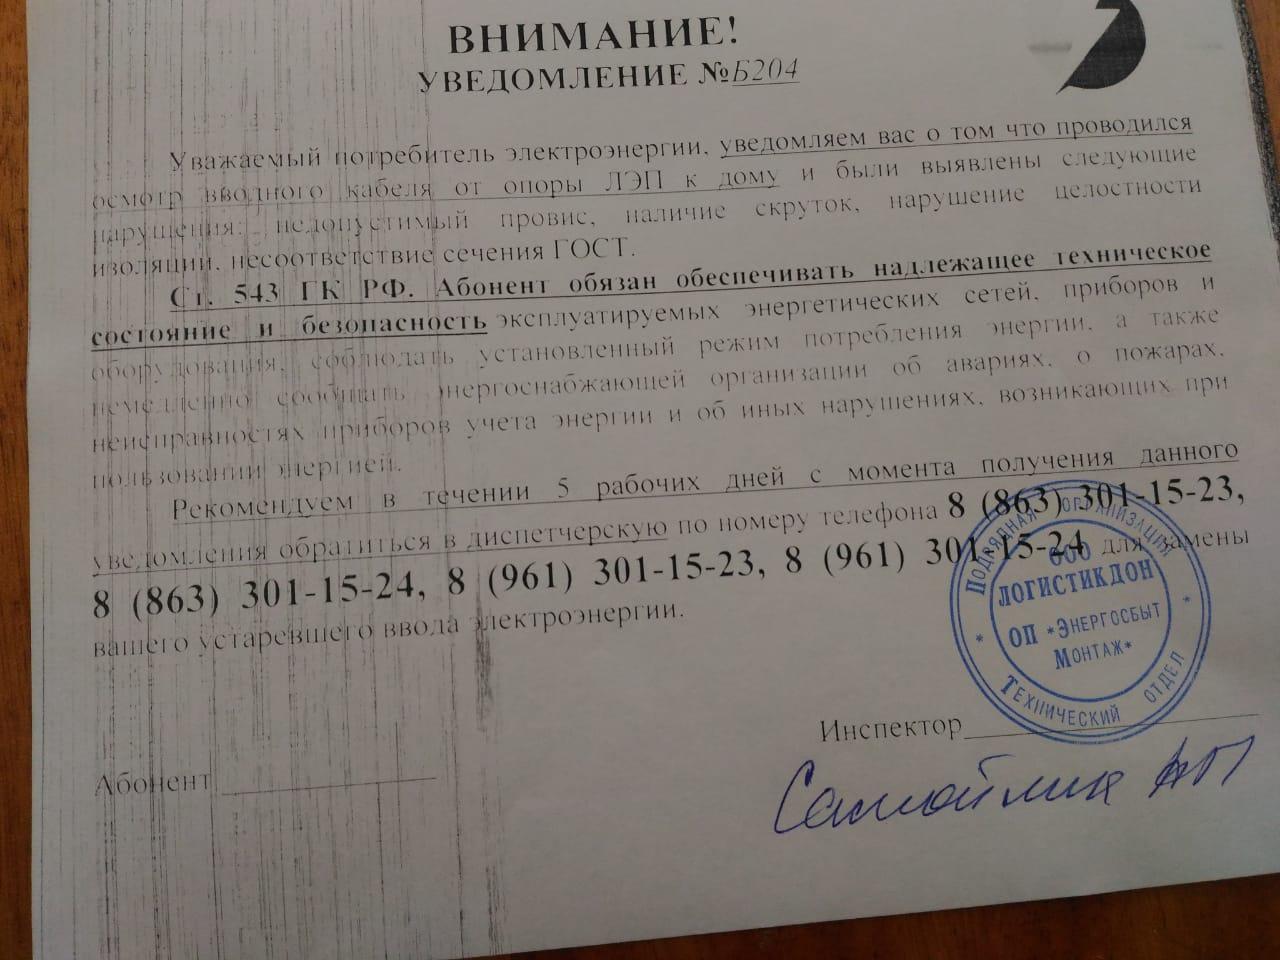 В Егорлыкском районе появились то ли мошенники, то ли люди, оказывающие навязчивый сервис